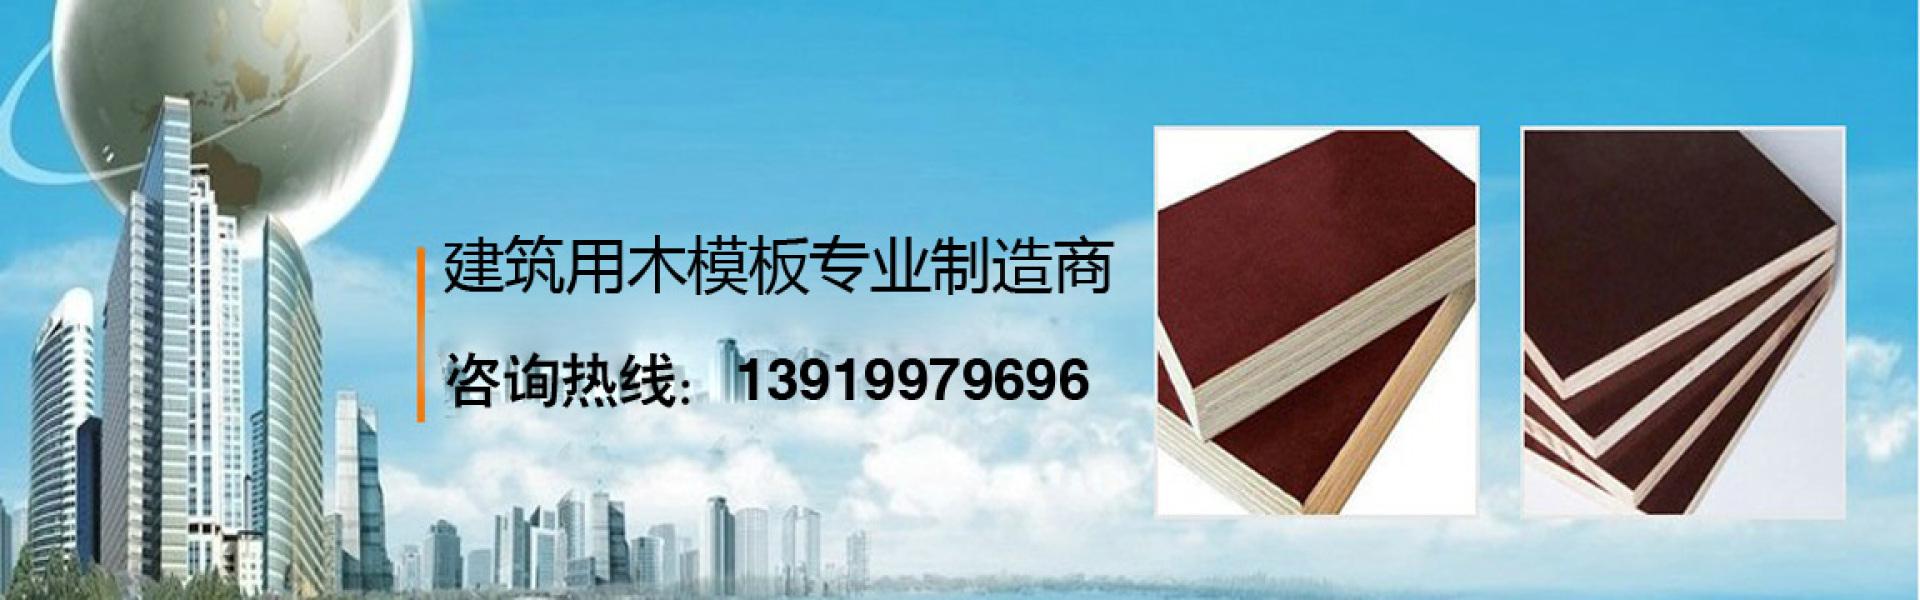 扬州热线棋牌中心